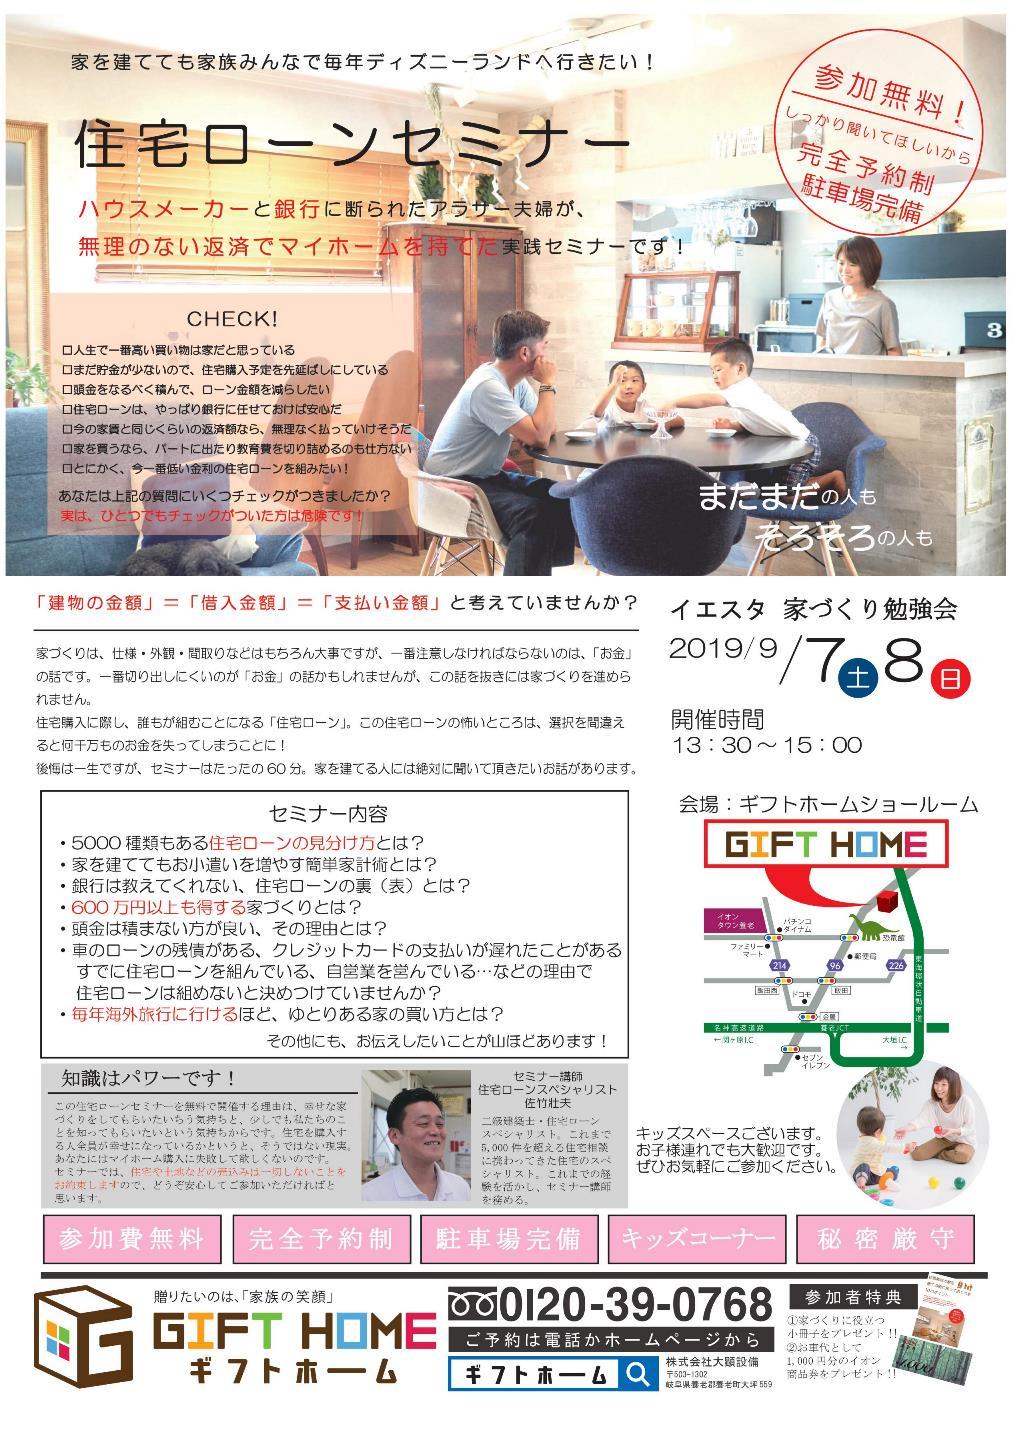 9/7. 7/8 開催 イエスタ~家づくり勉強会